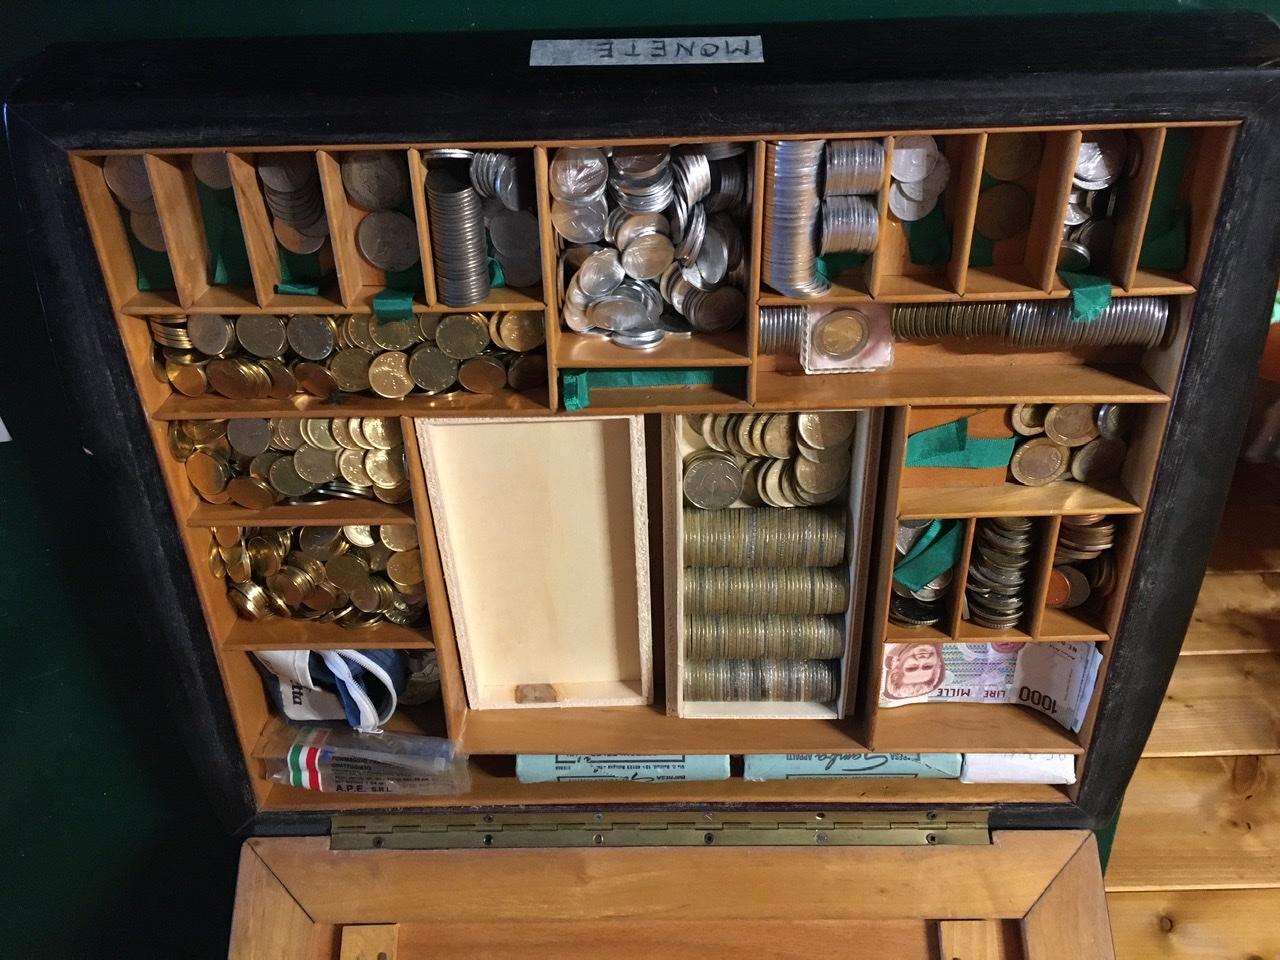 Monete argento, monete italiane e straniere, gettoni telefonici ecc.